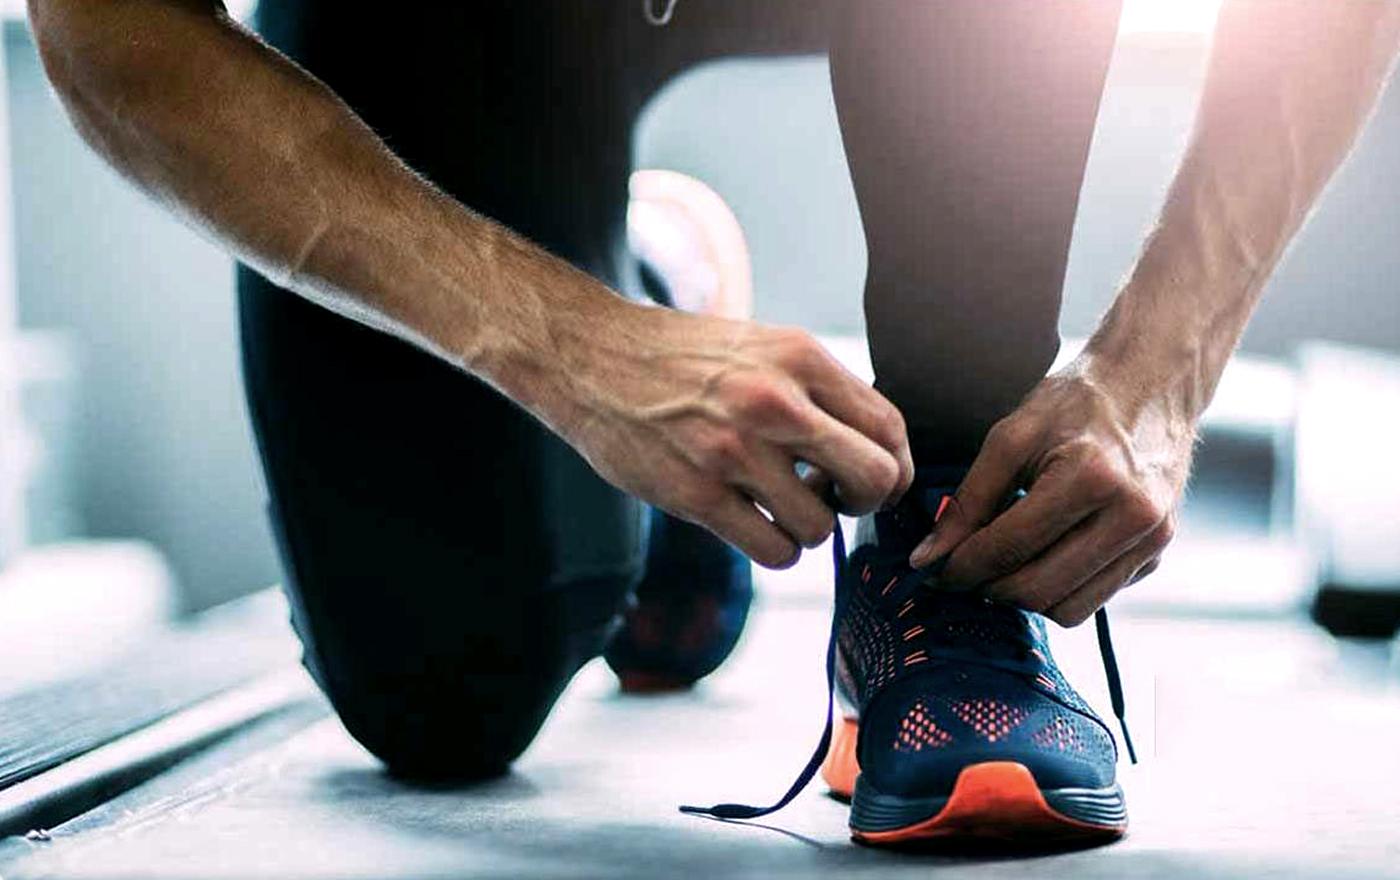 ۵ کاری که هرگز نباید بعد از ورزش انجام داد